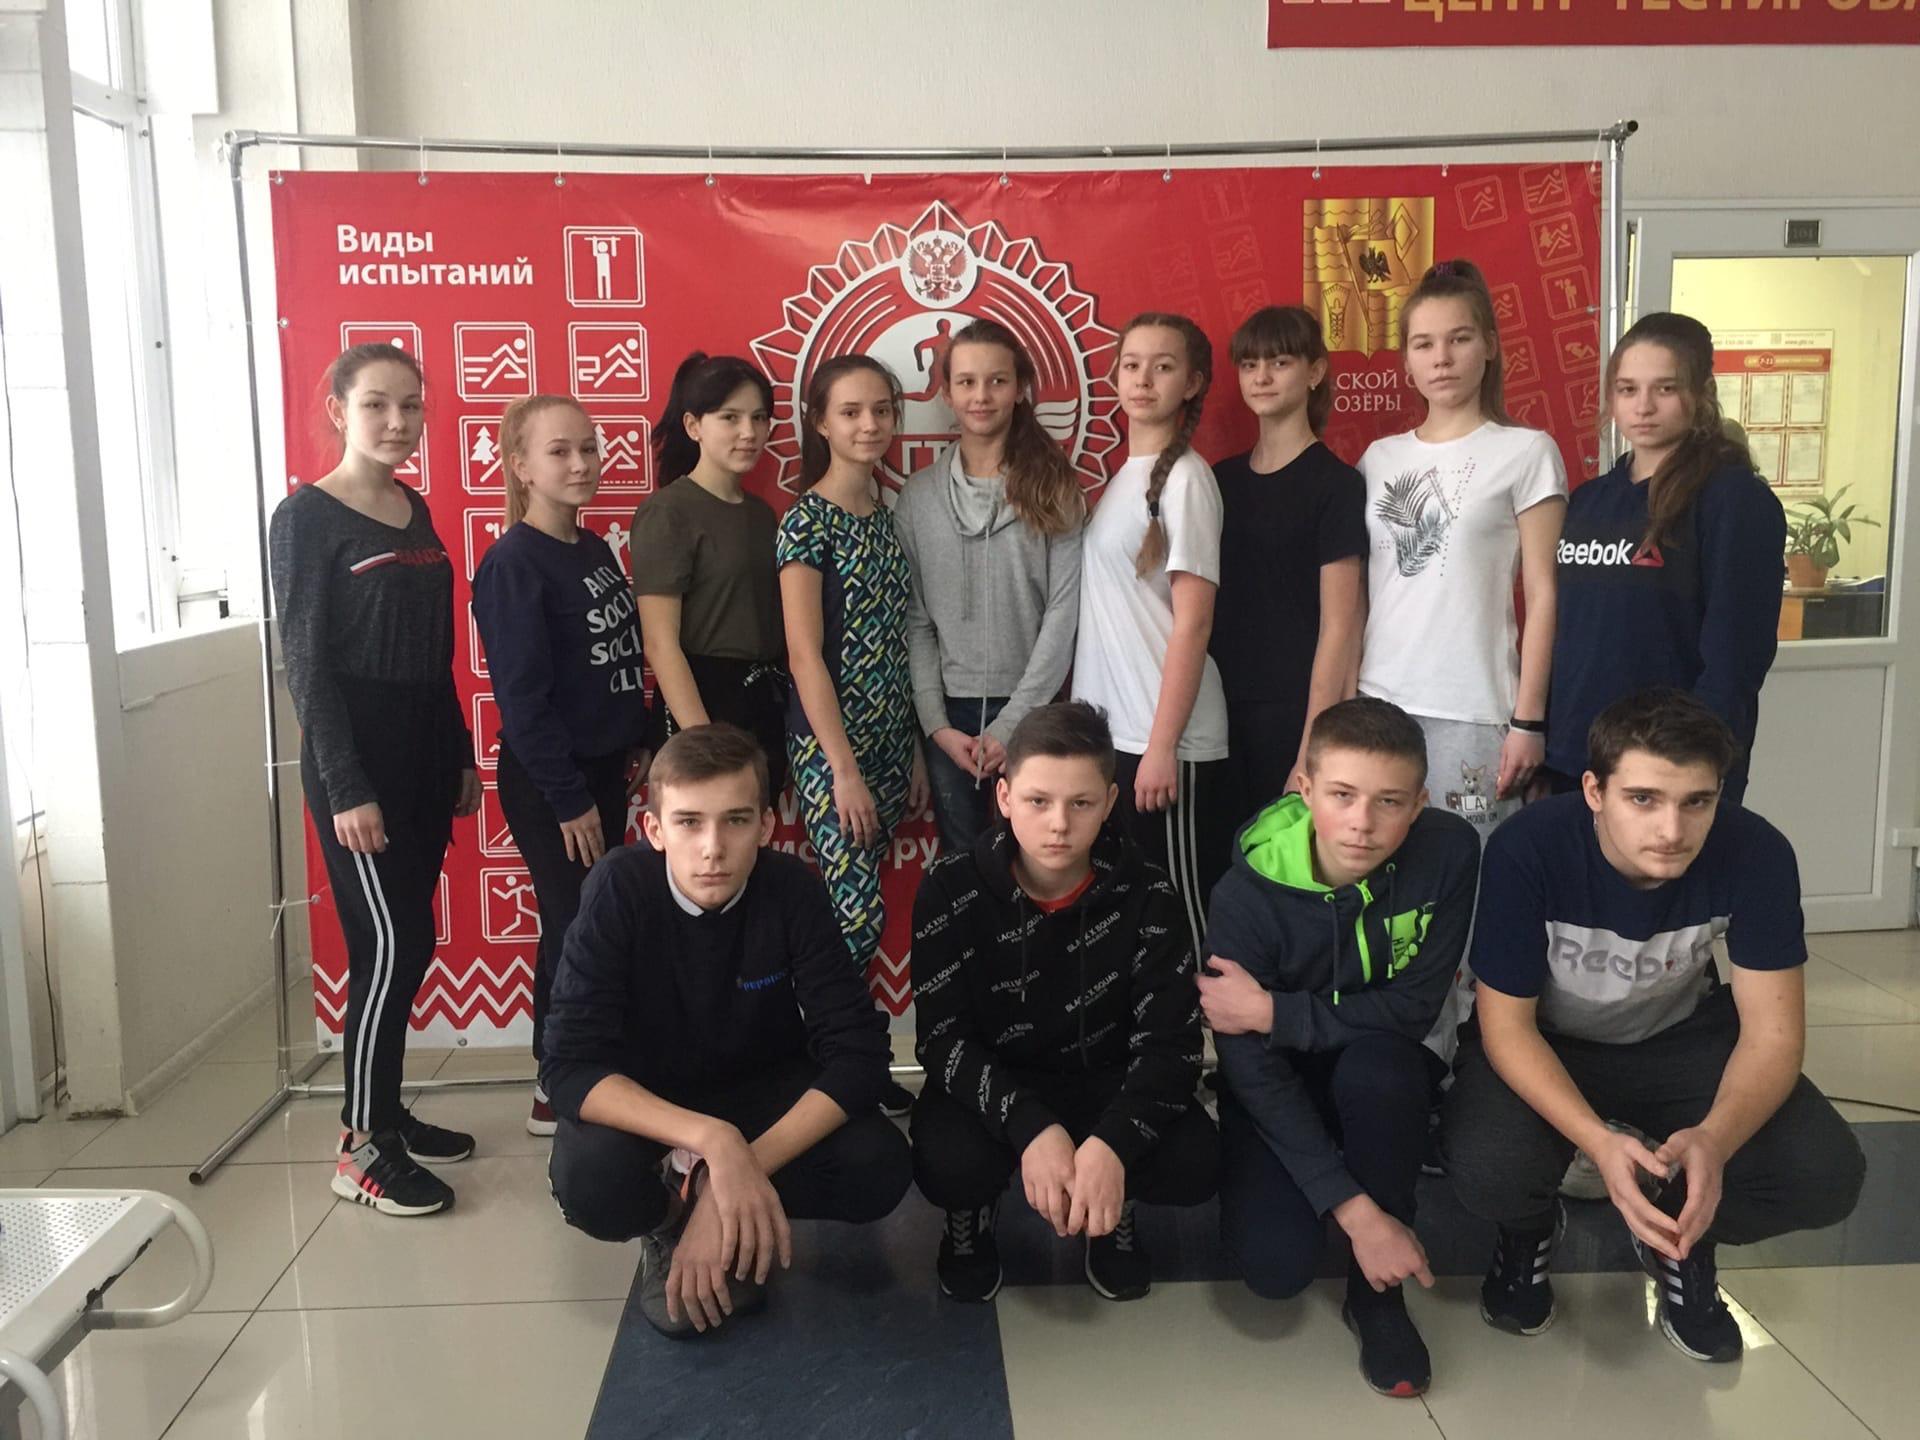 30 января 2020 года учащиеся 8-х классов МБОУ Гимназия №4, МБОУ Горская СОШ выполнили нормативы ВФСК ГТО IV ступени.